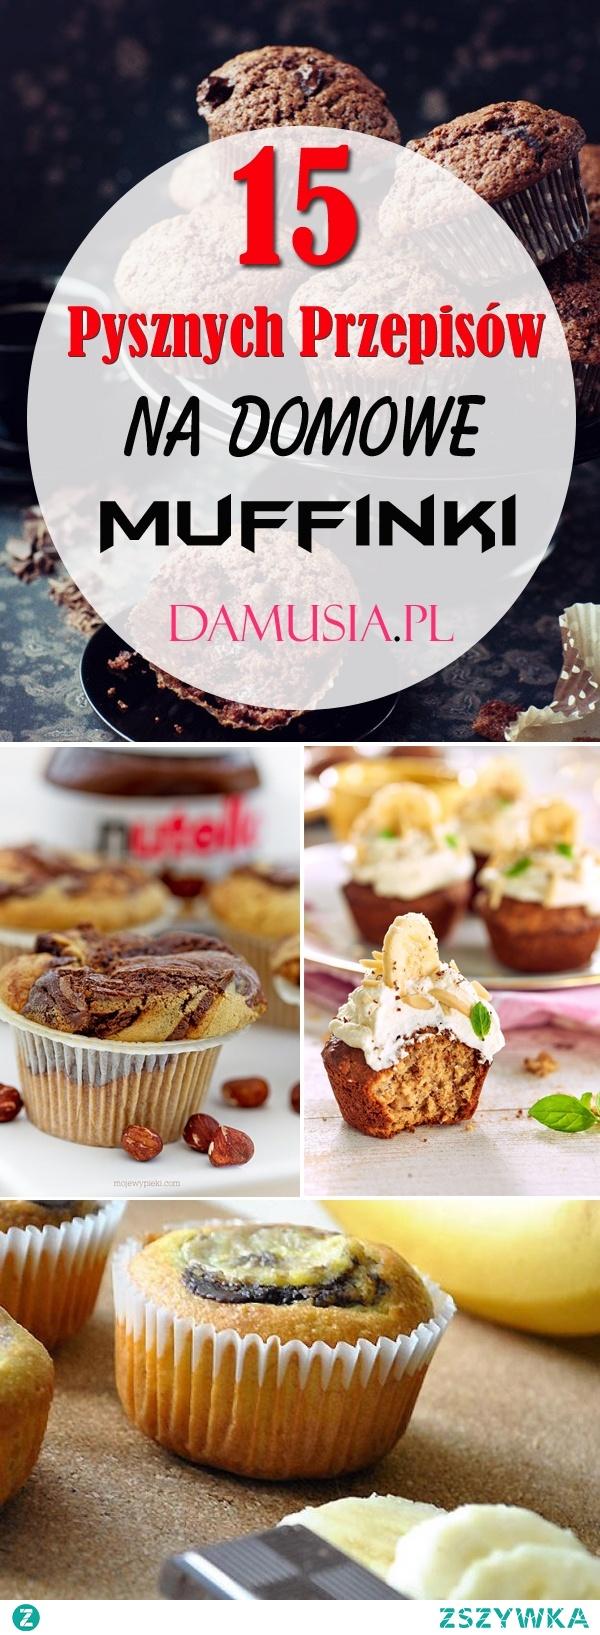 15 Pysznych Przepisów na Muffinki